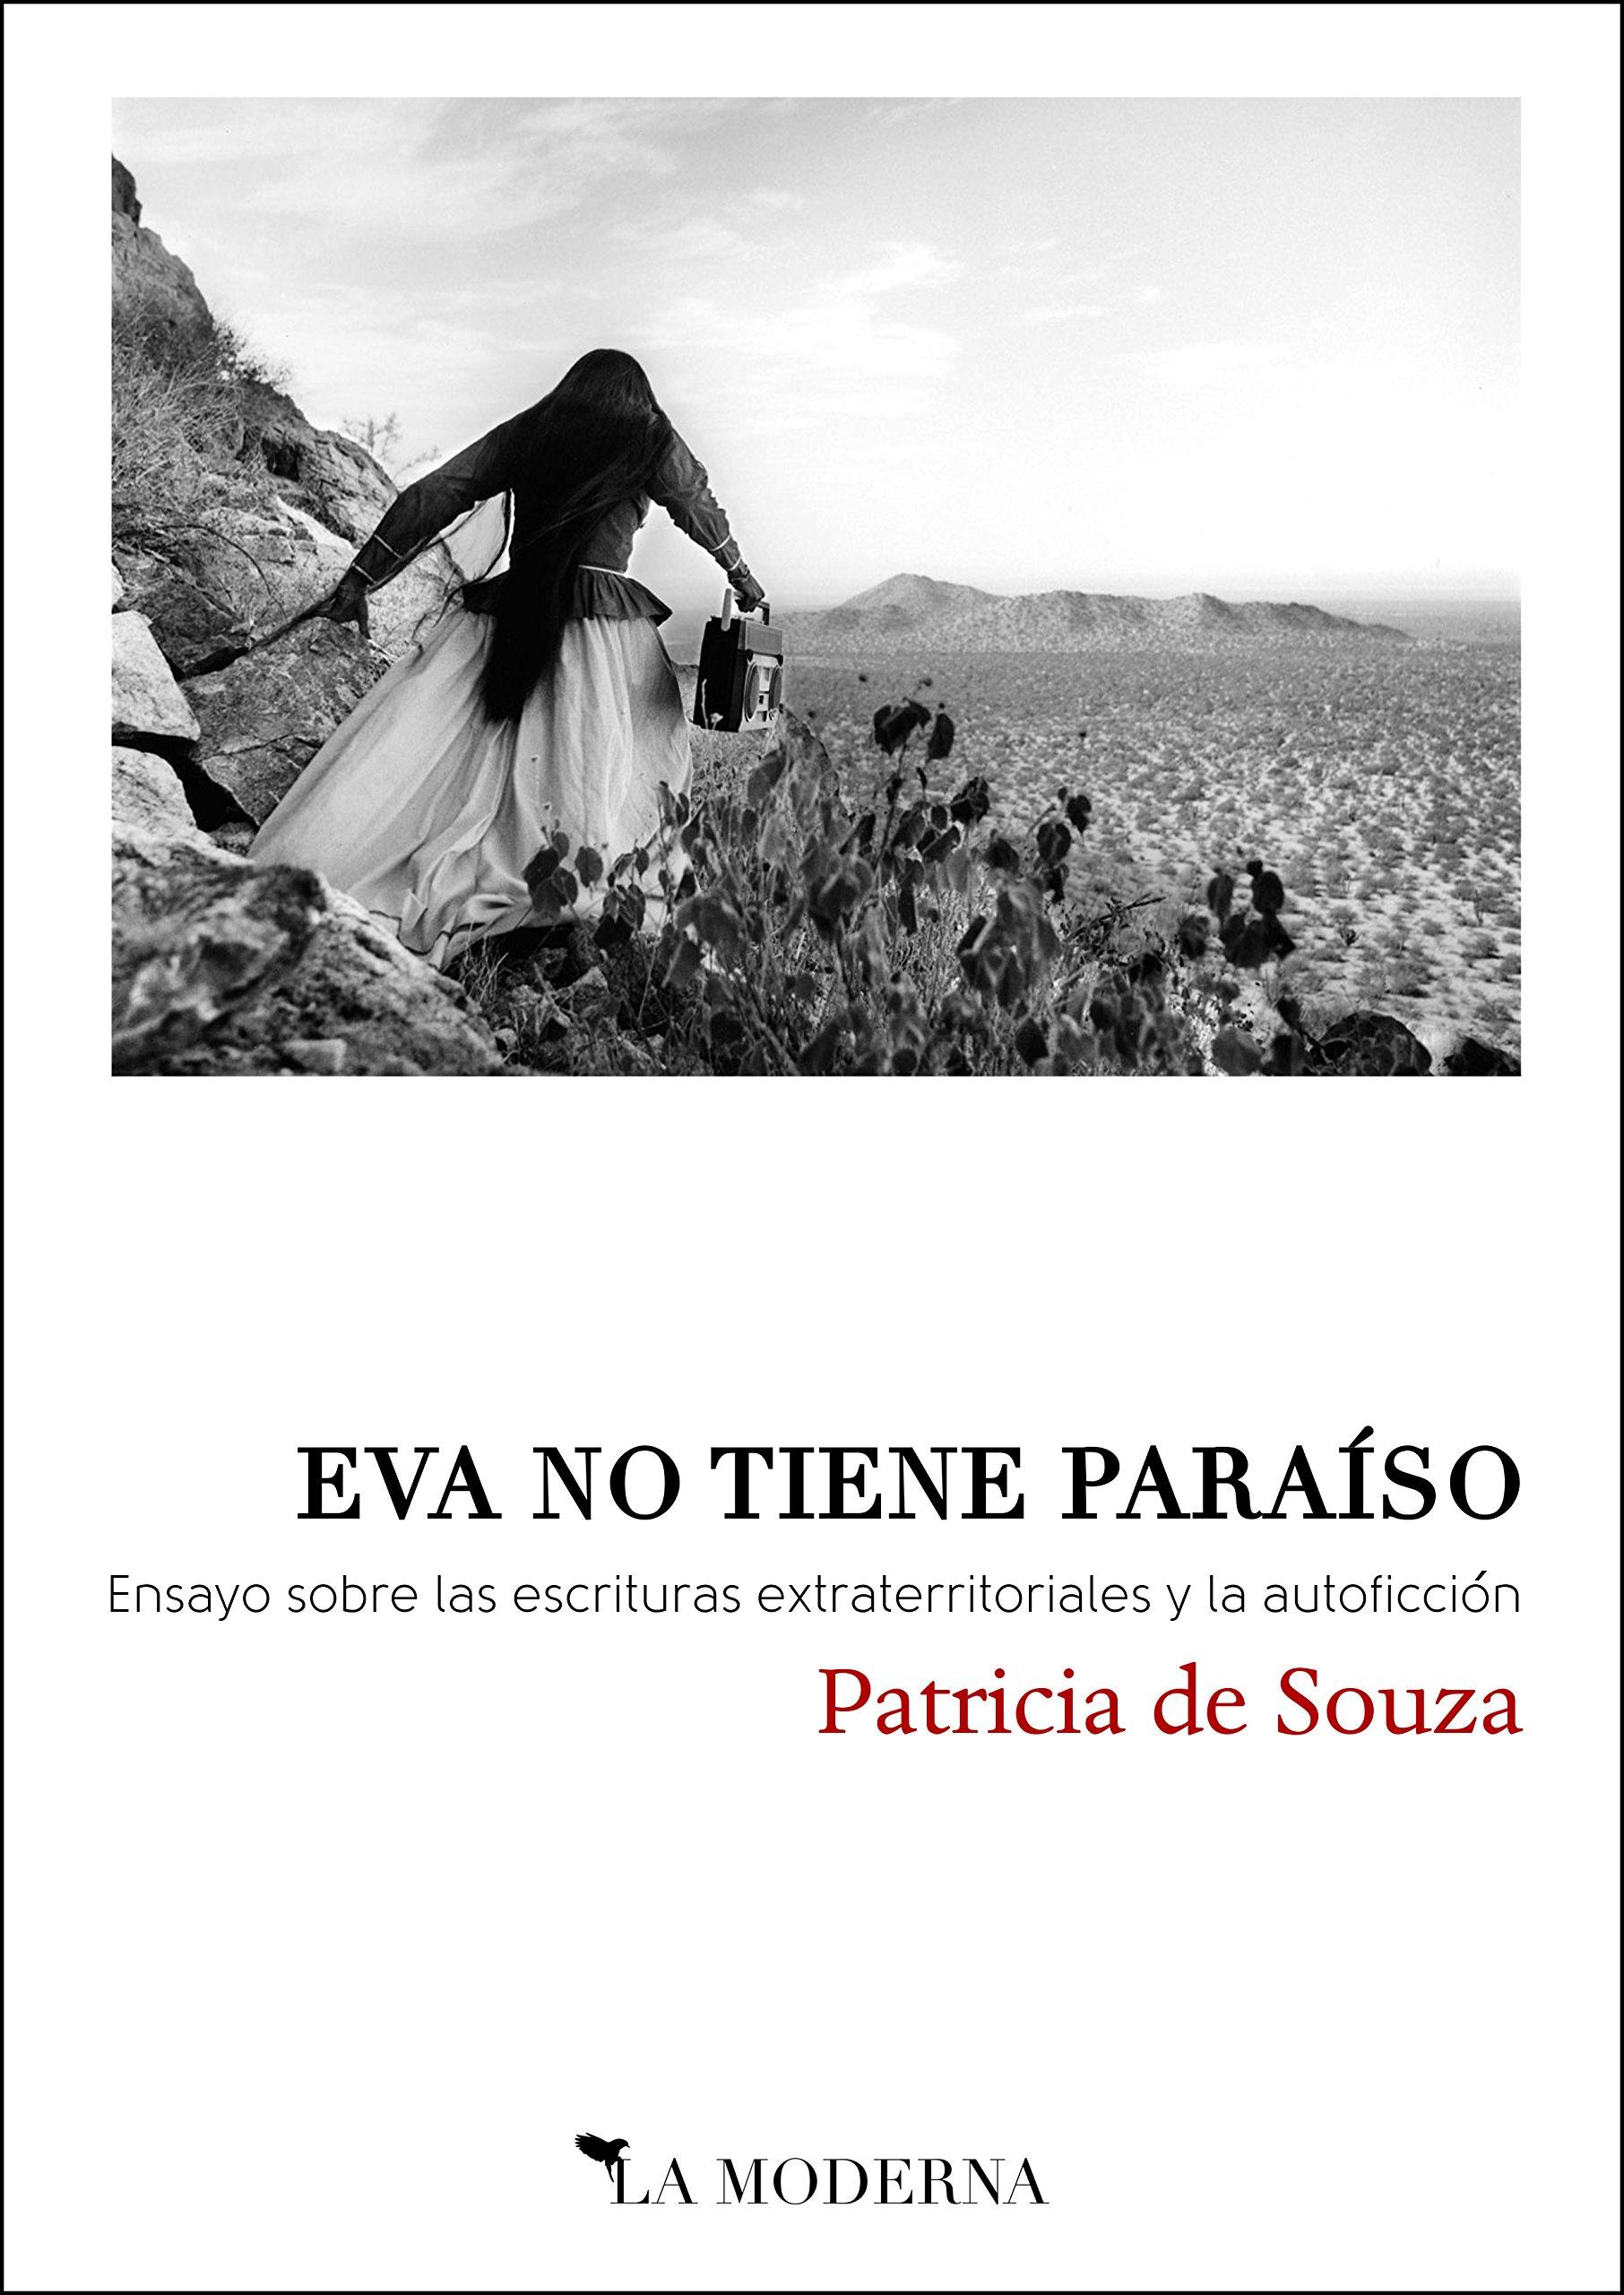 Eva no tiene paraíso: Ensayo sobre las escrituras extraterritoriales y la autoficción